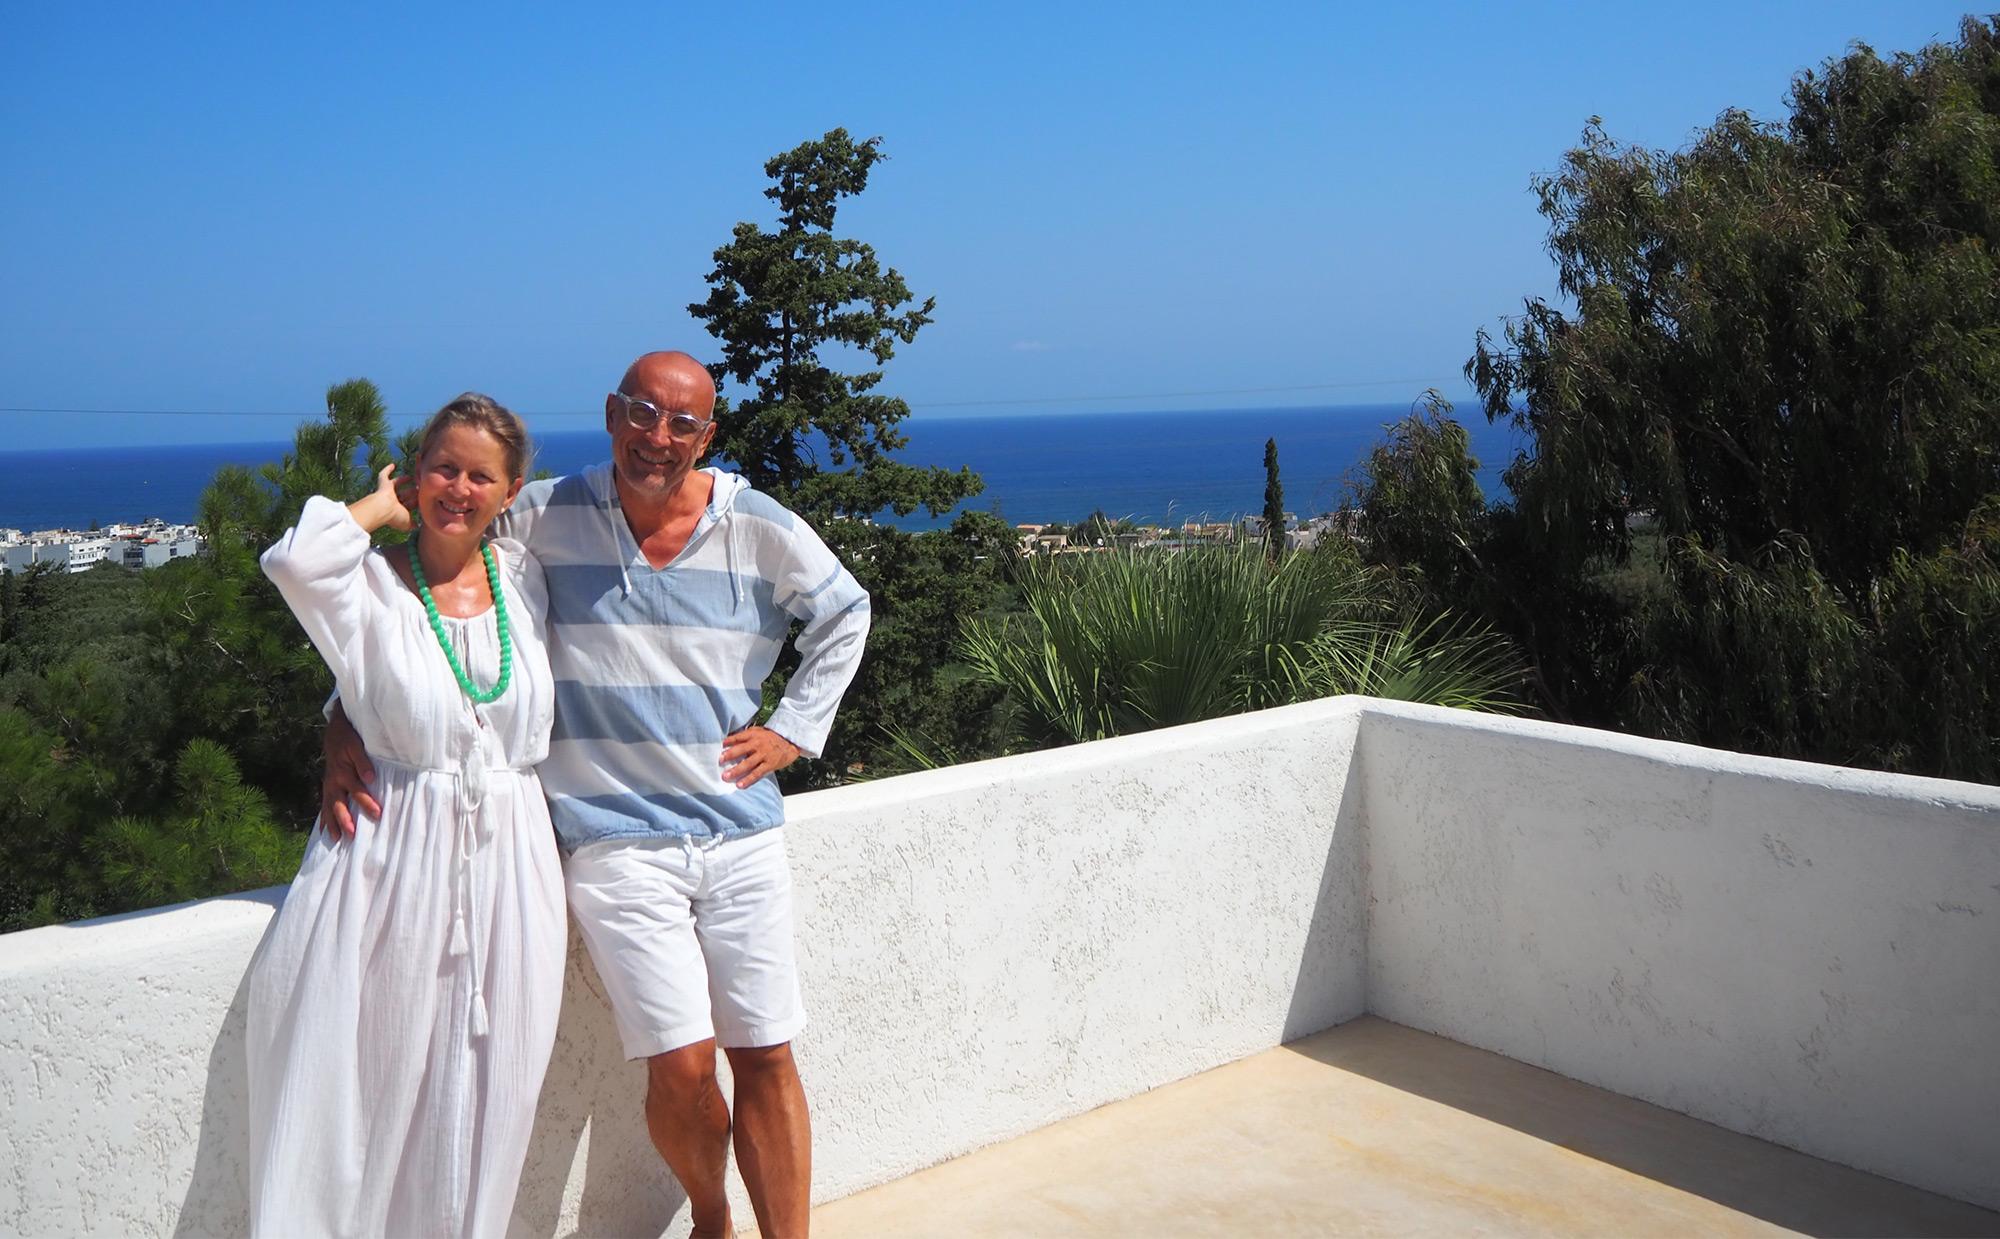 Die Weltenbummler Daniela und Martin fanden auf Kreta ihr Zuhause